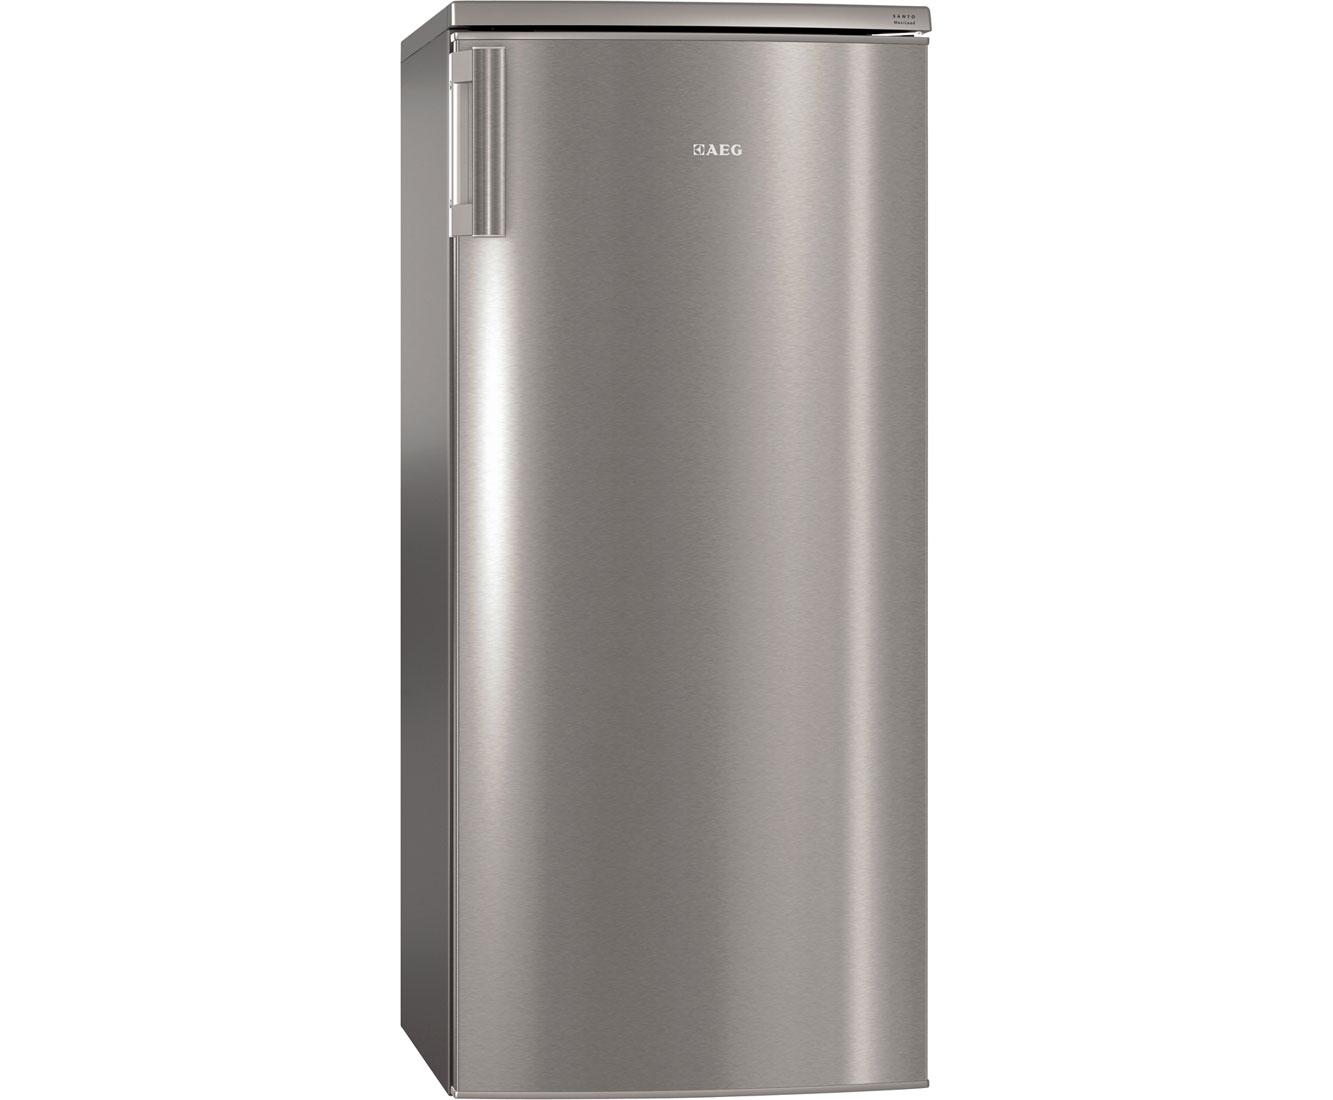 Aeg Kühlschrank Einbau : Aeg santo s kss kühlschrank edelstahl silber a